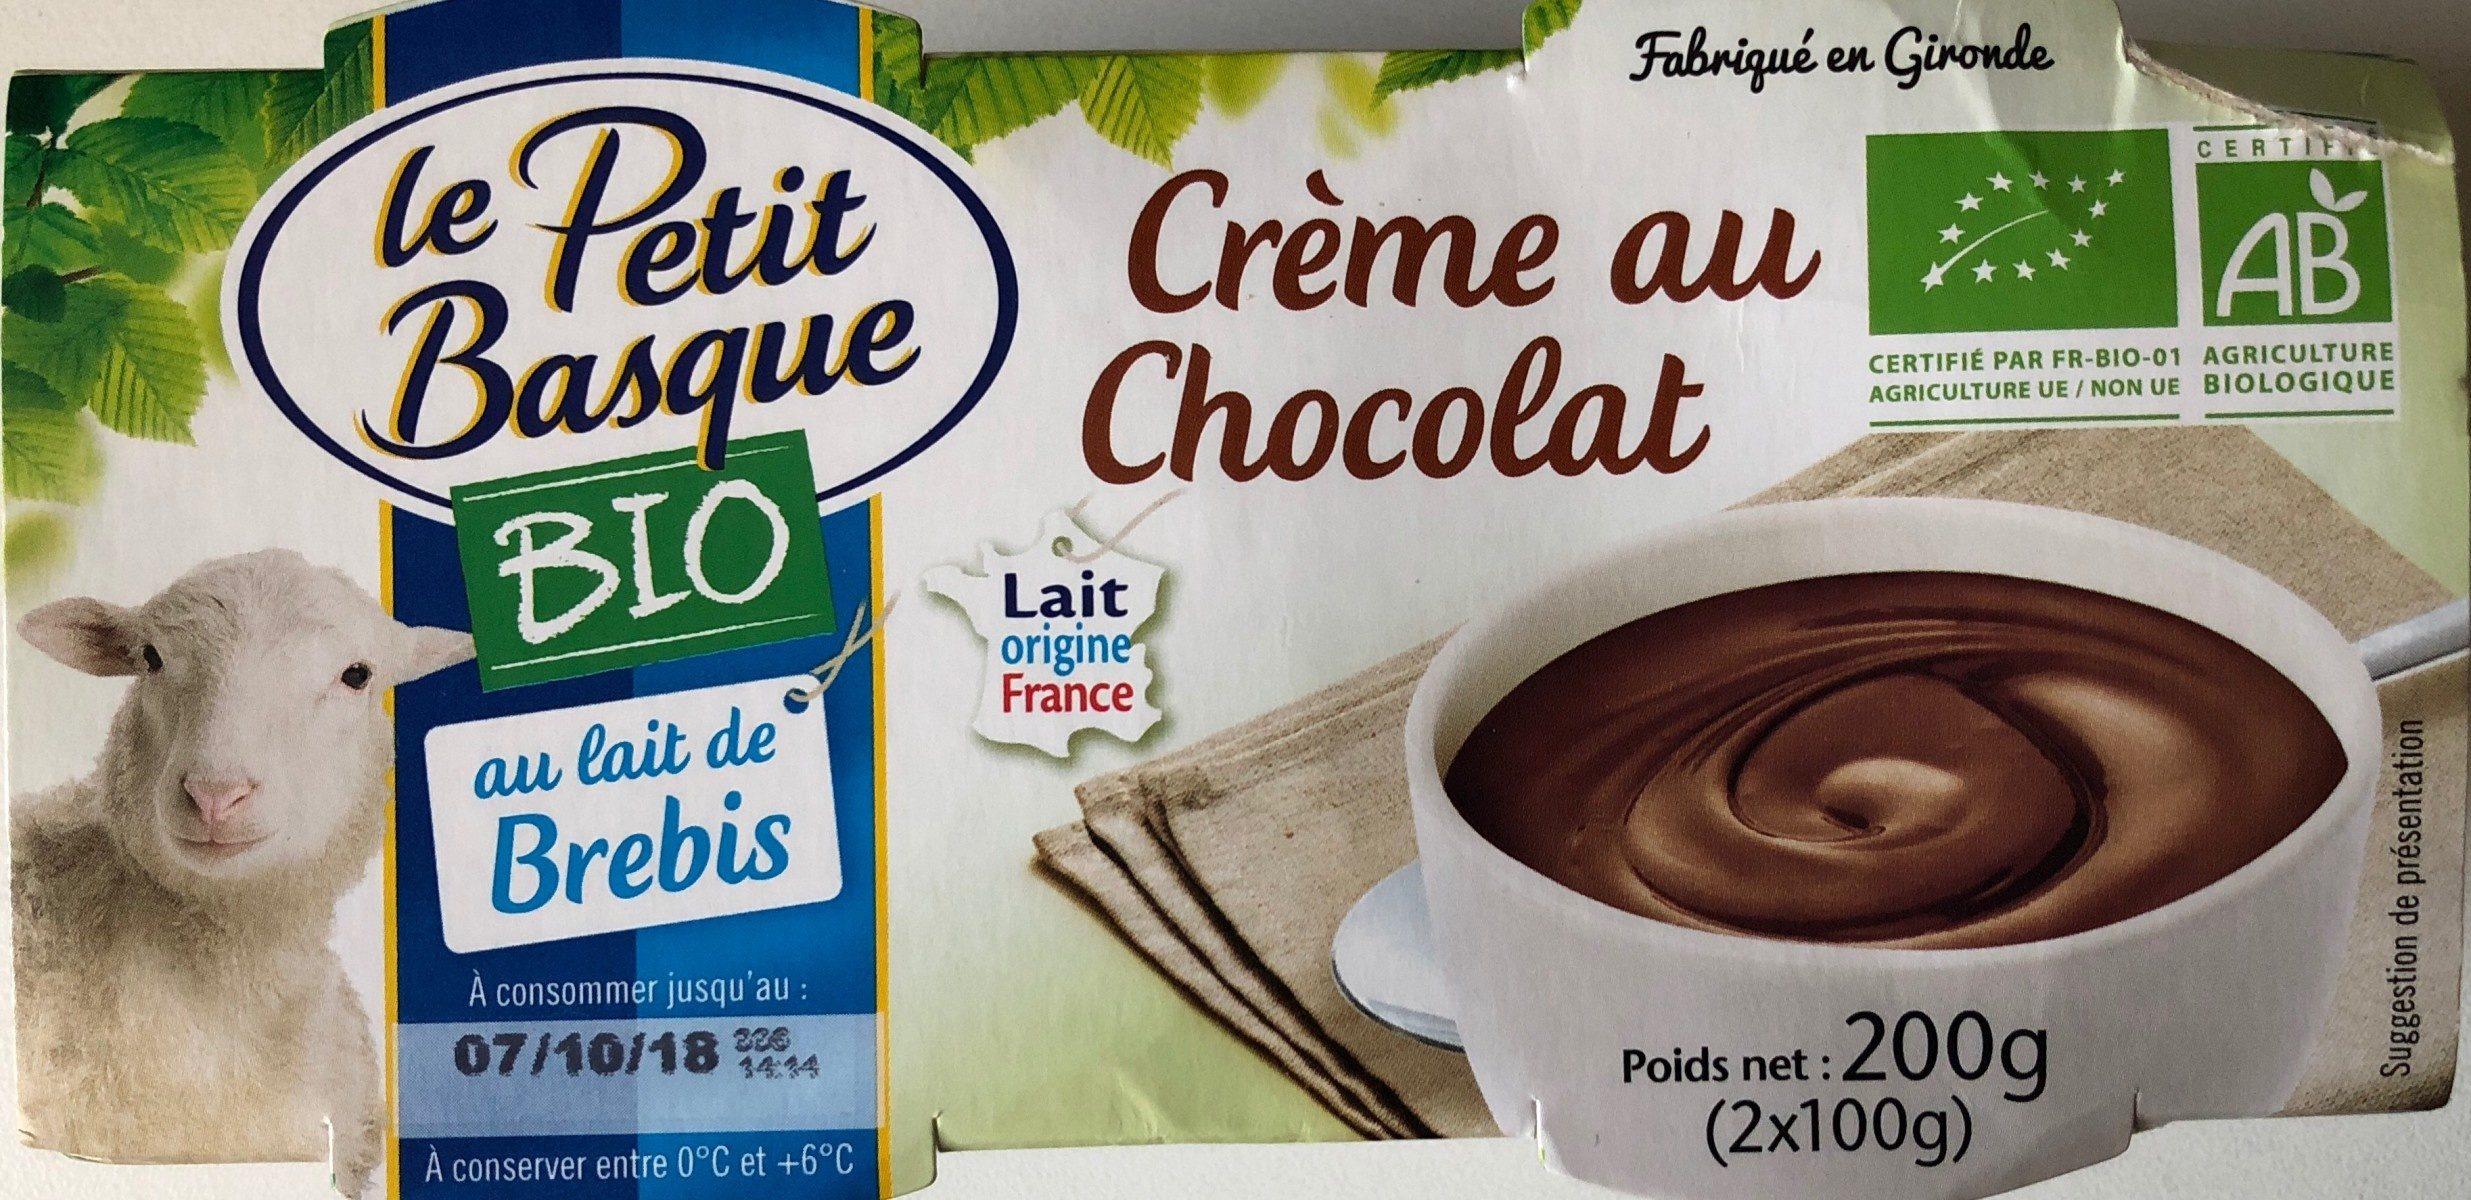 Crème au chocolat - Product